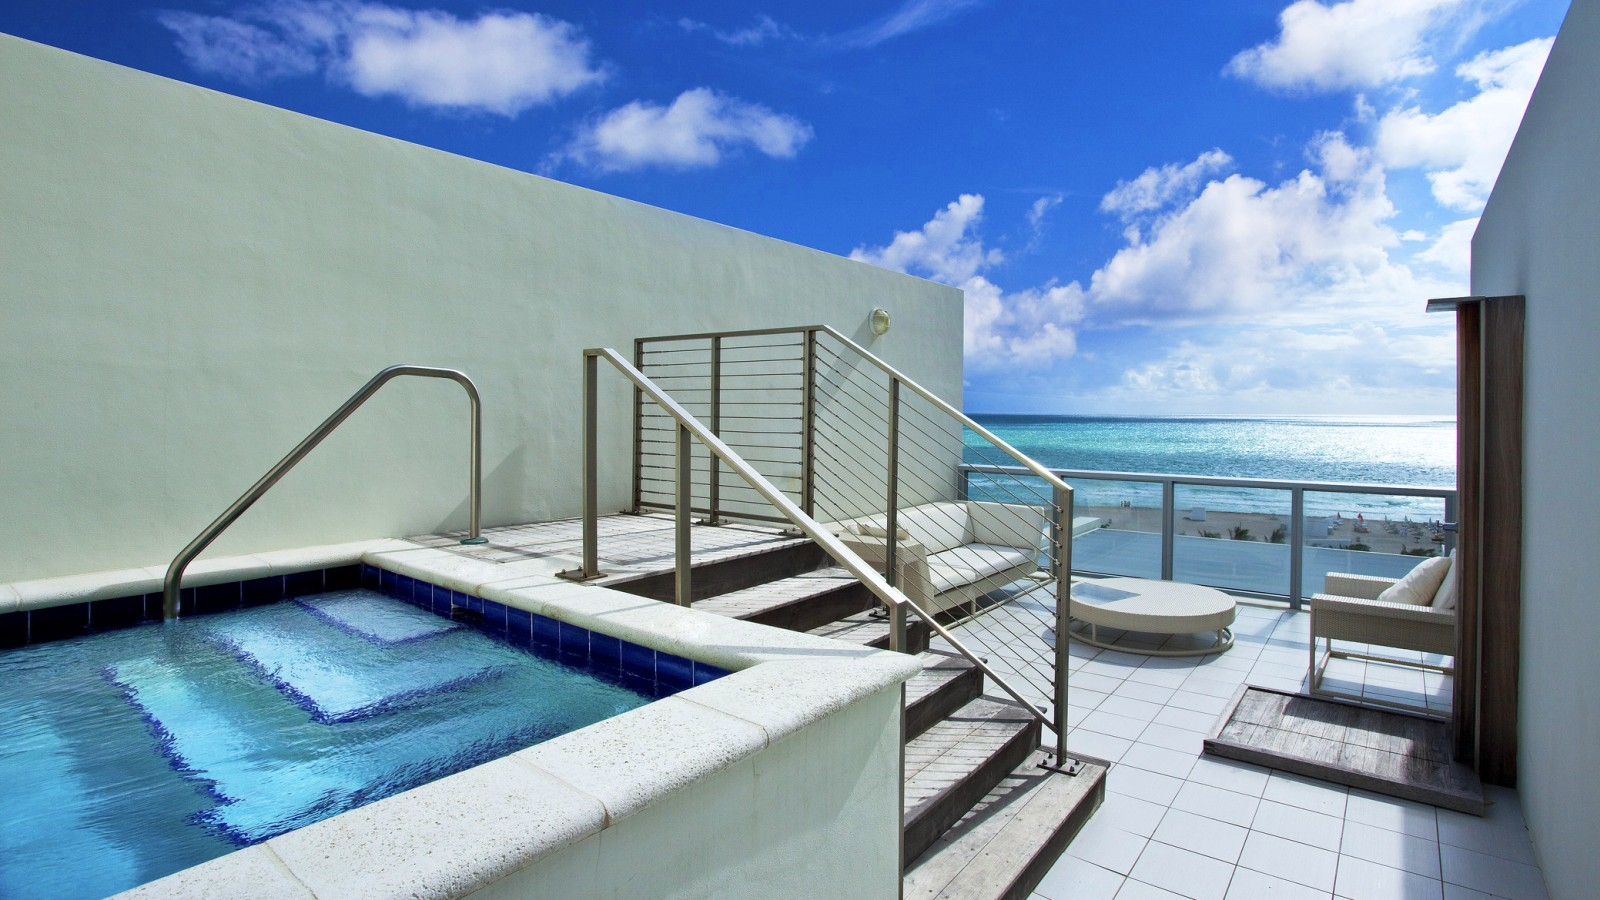 Hotel Caraibi Search Results For Vacanze Agenzia Ambassador Travel Riccione